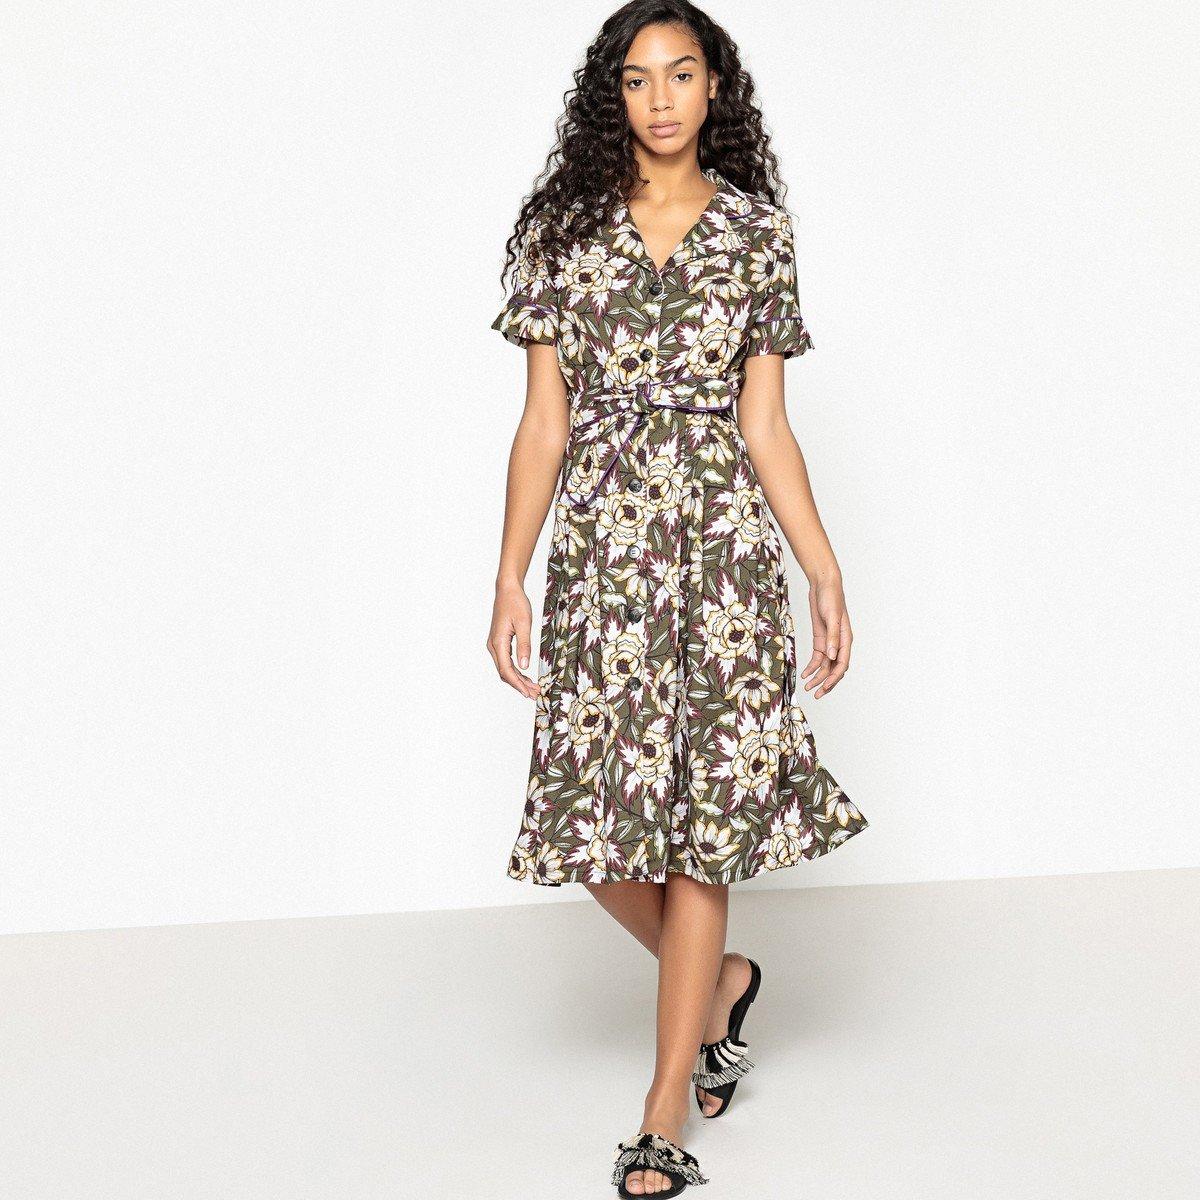 9f8676e8293 Платье с застежка поло купить ▽ в интернет магазине через каталог ...